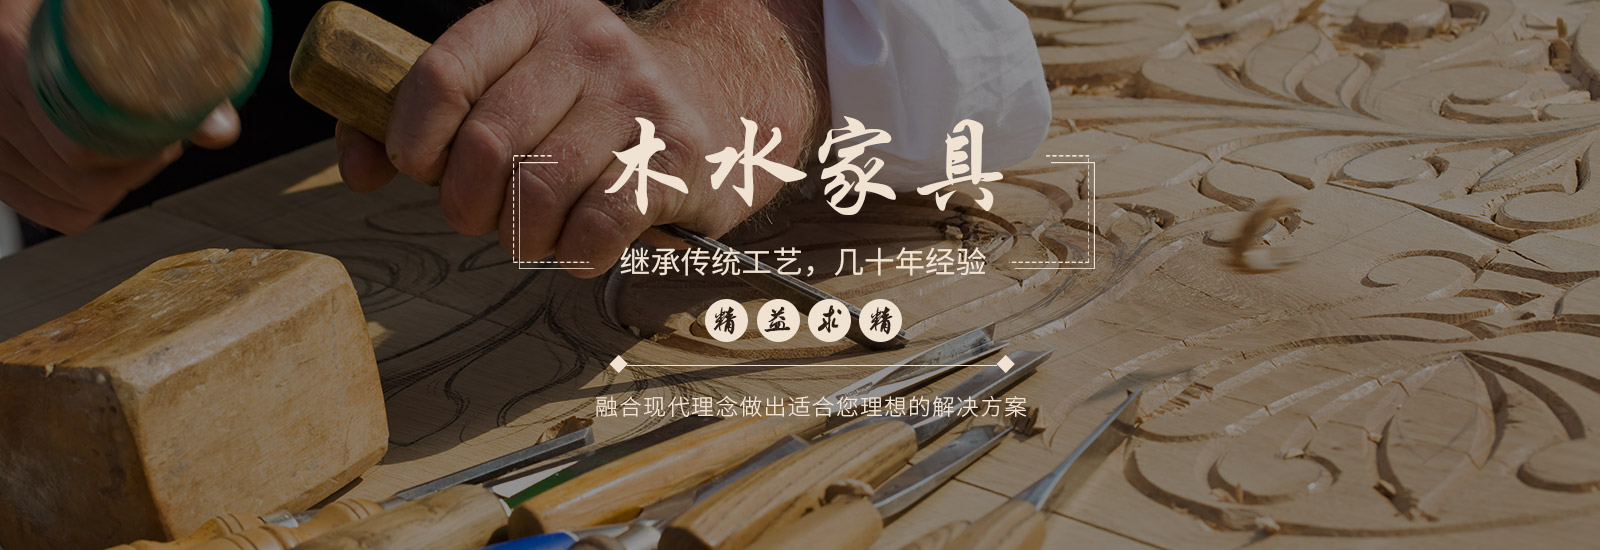 上海木水家具有限公司